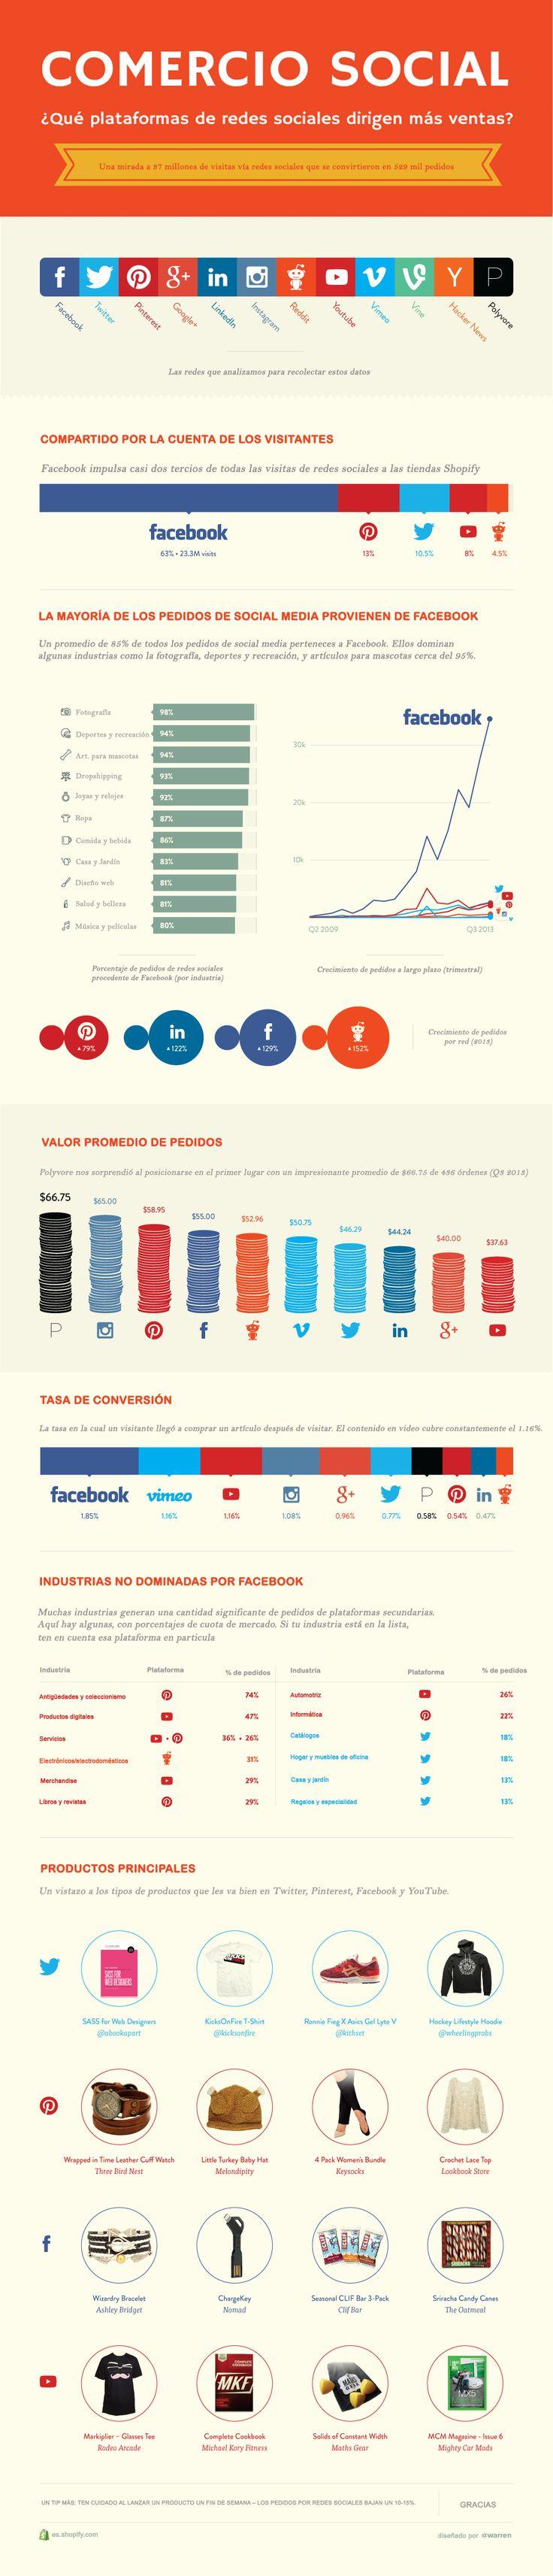 Hola: Una infografía sobre qué Redes Sociales dirigen más ventas. Un saludo